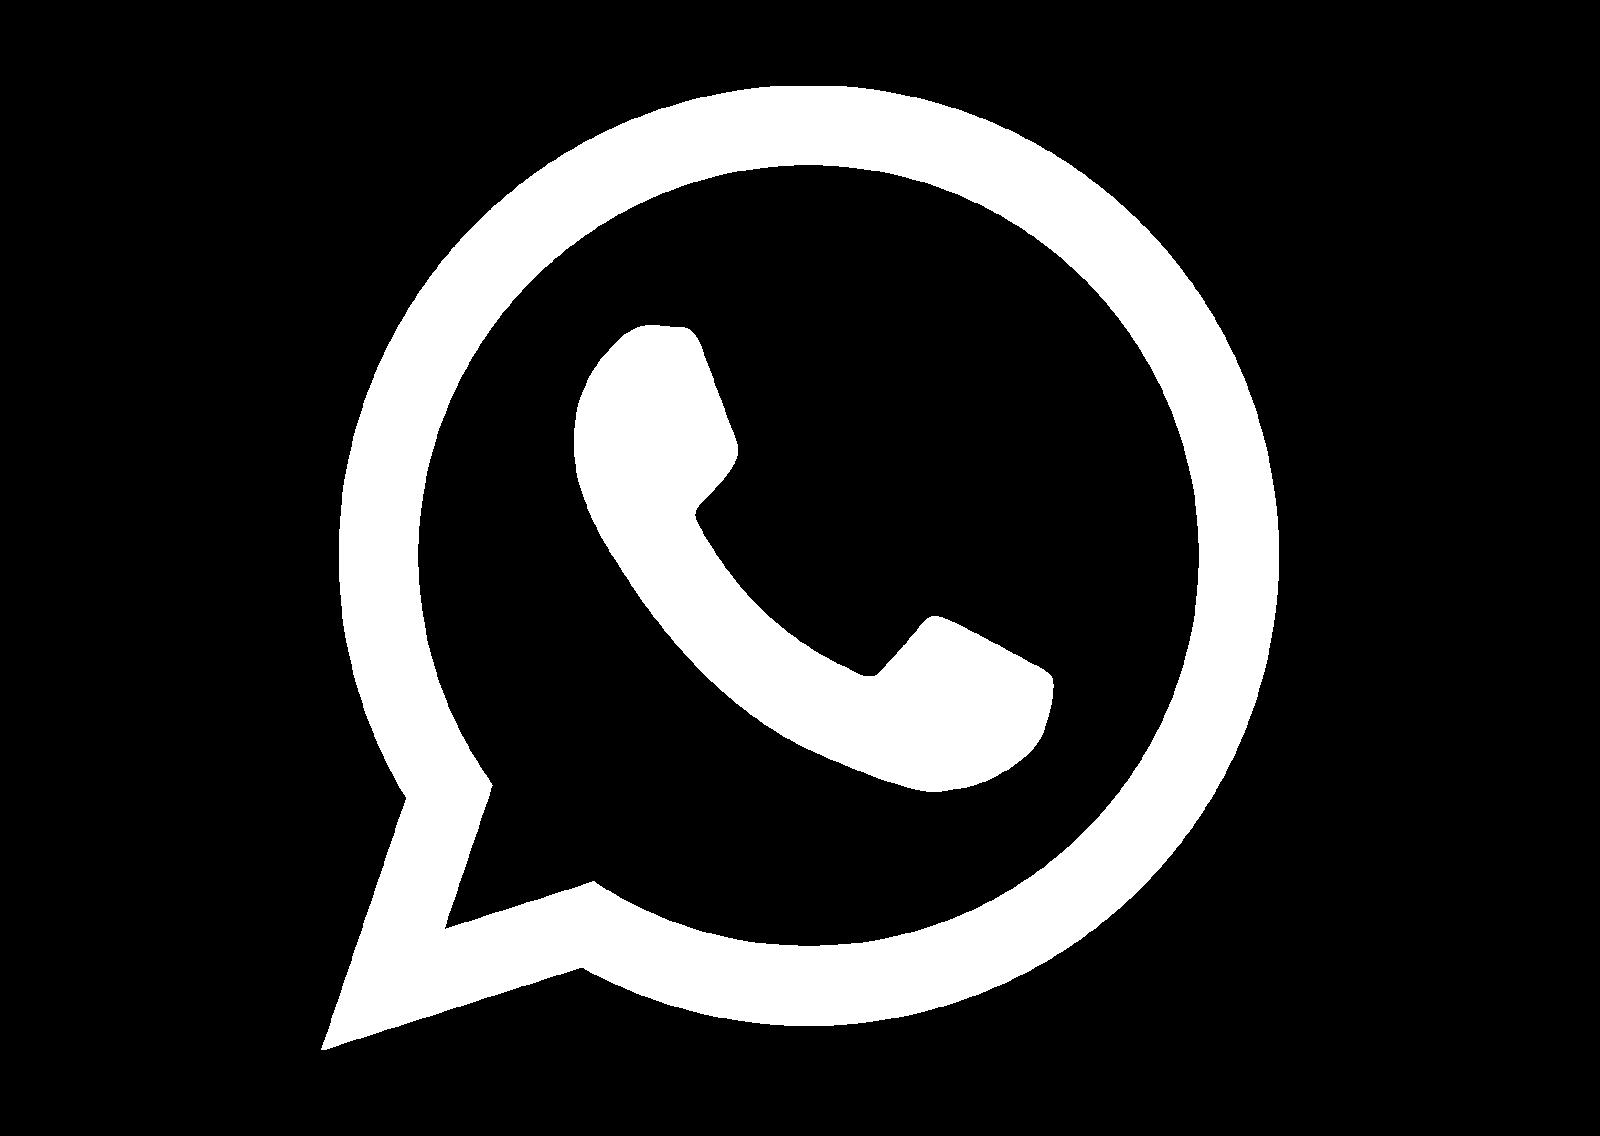 Logo de Whatsapp para la sección de esta siempre en contacto con nosotros